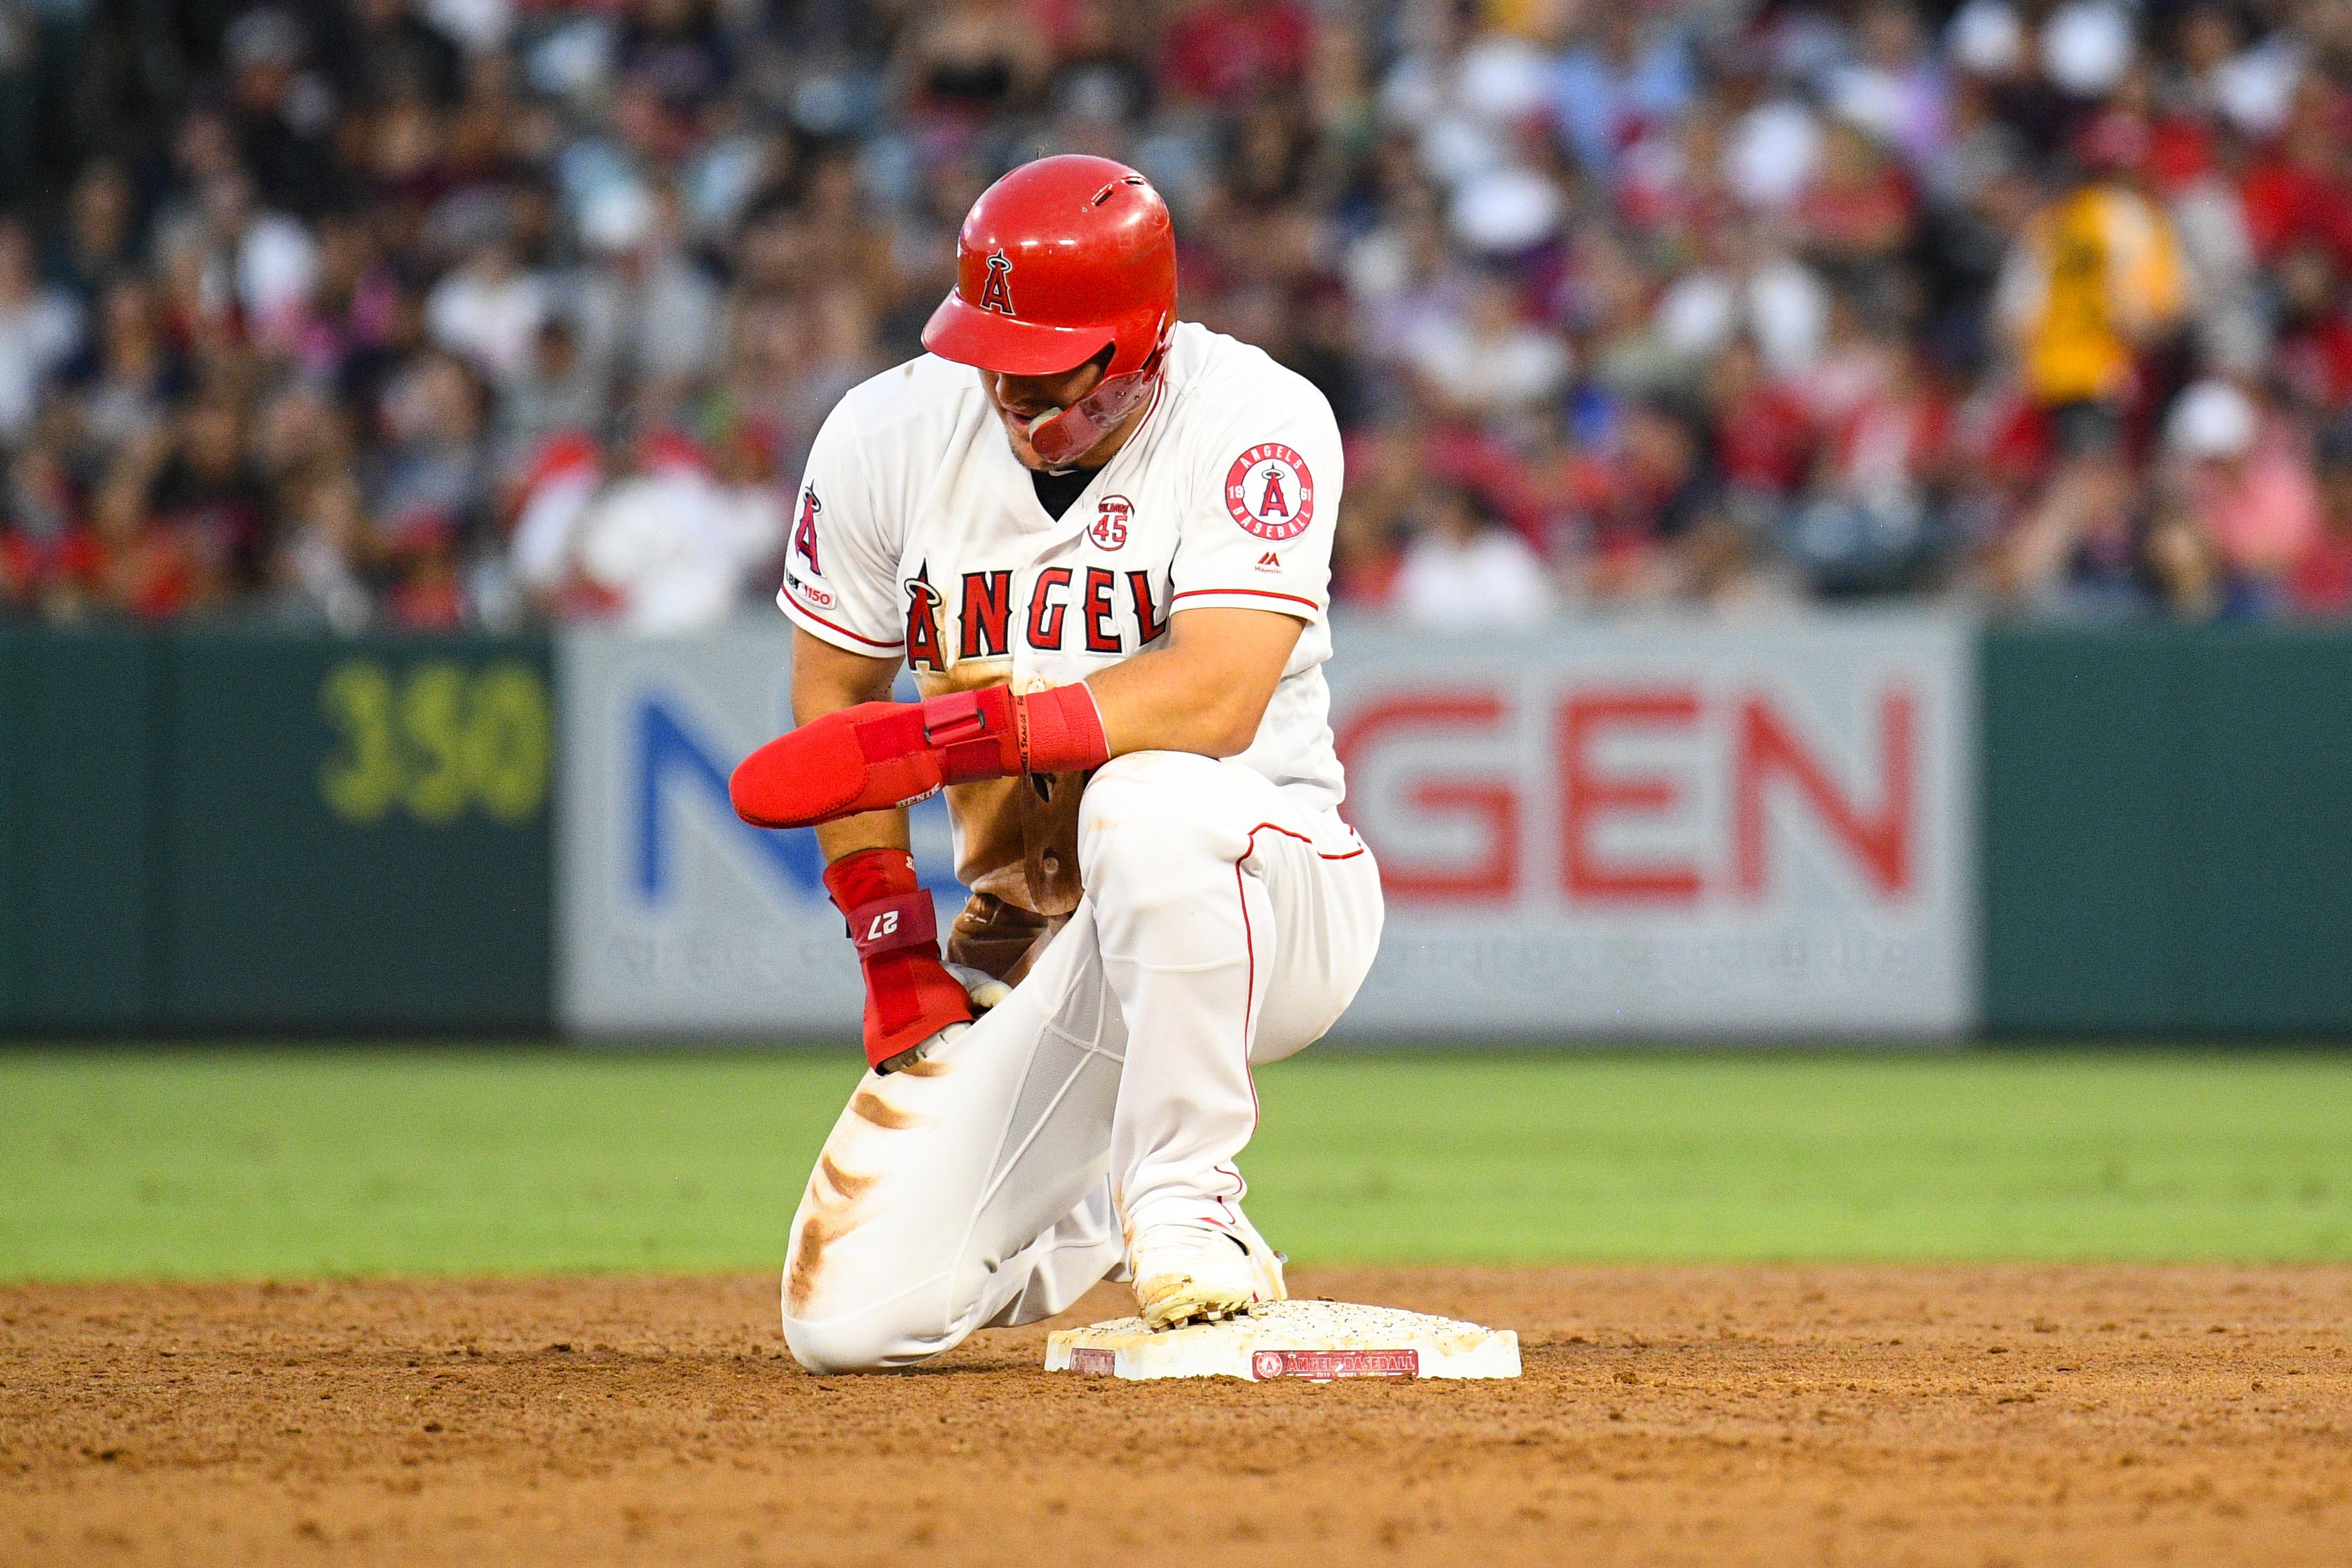 MLB: AUG 31 Red Sox at Angels